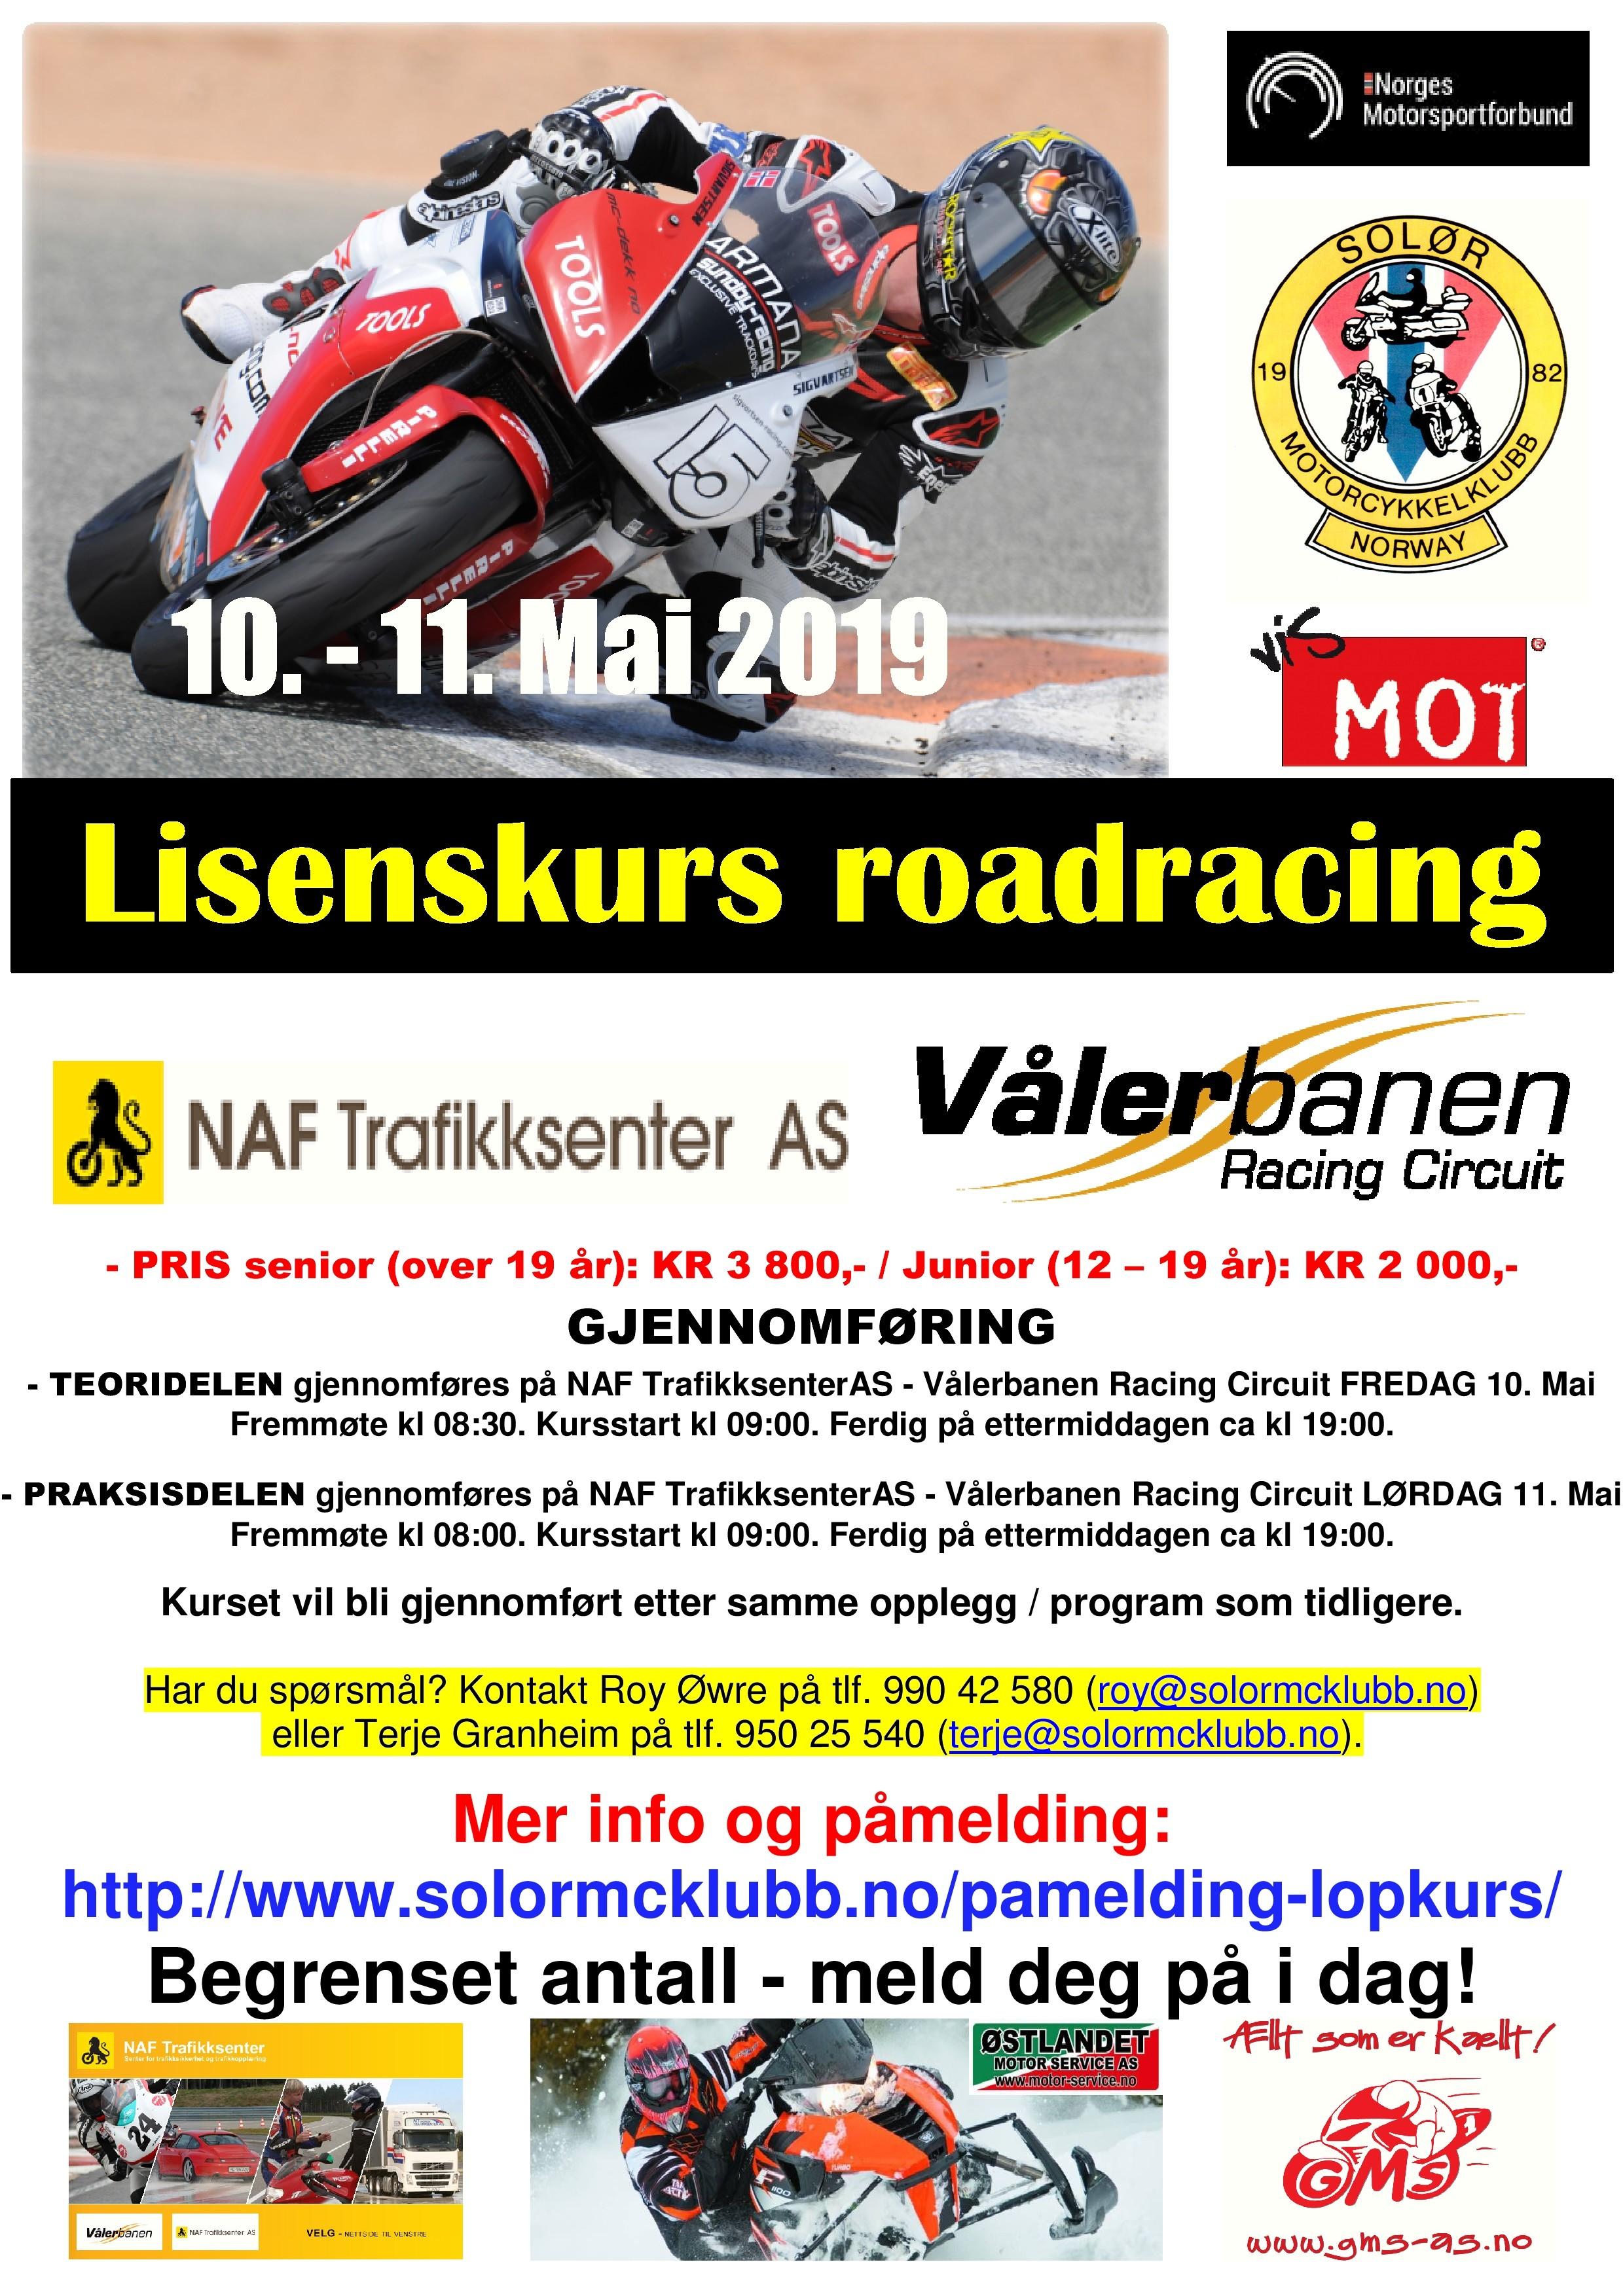 poster lisenskurs roadracing vålerbanen - mai 2019